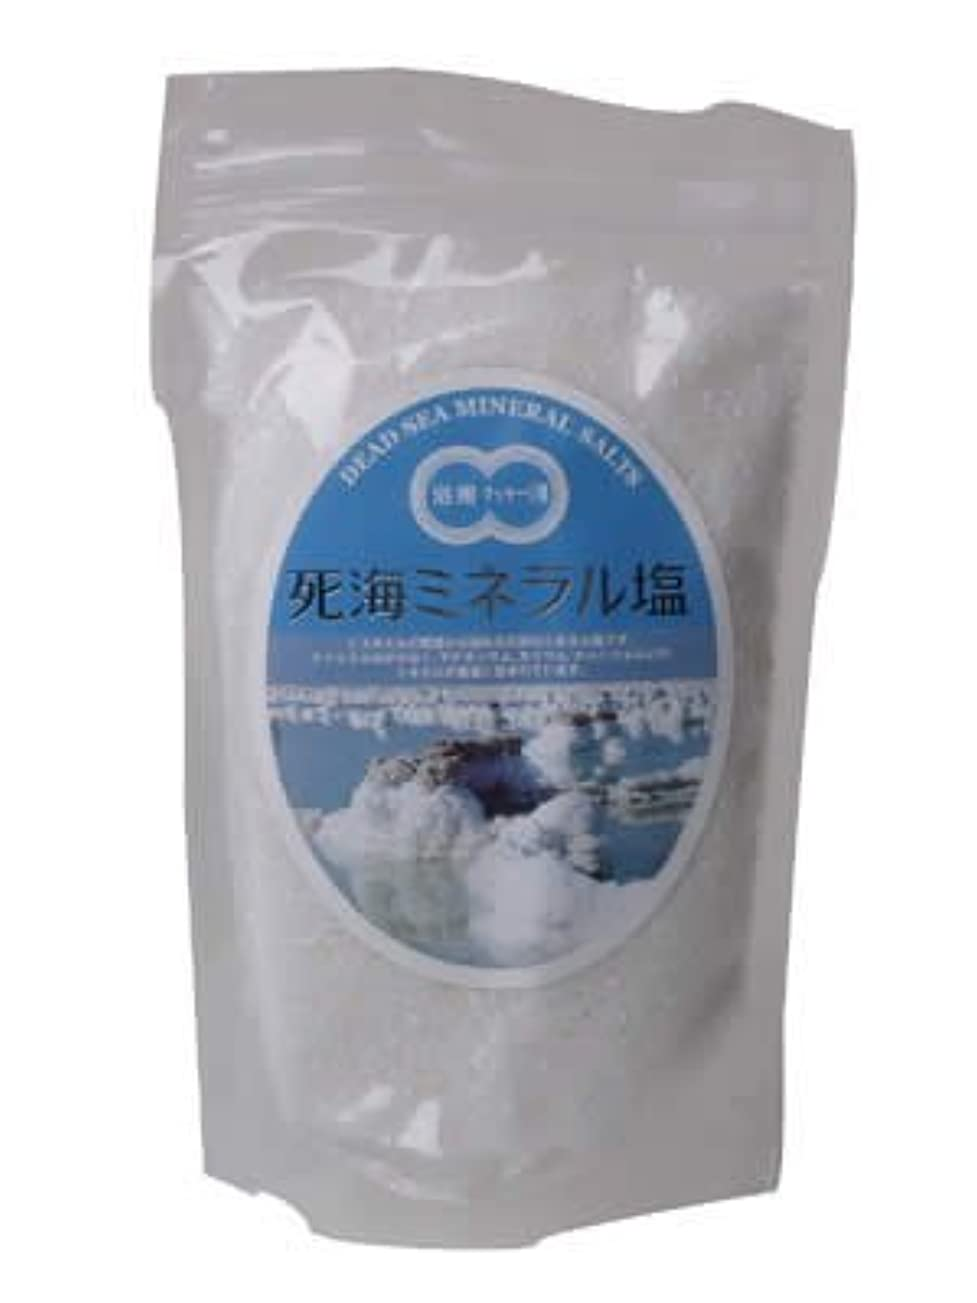 歩き回る知性ペック死海ミネラル塩 500g